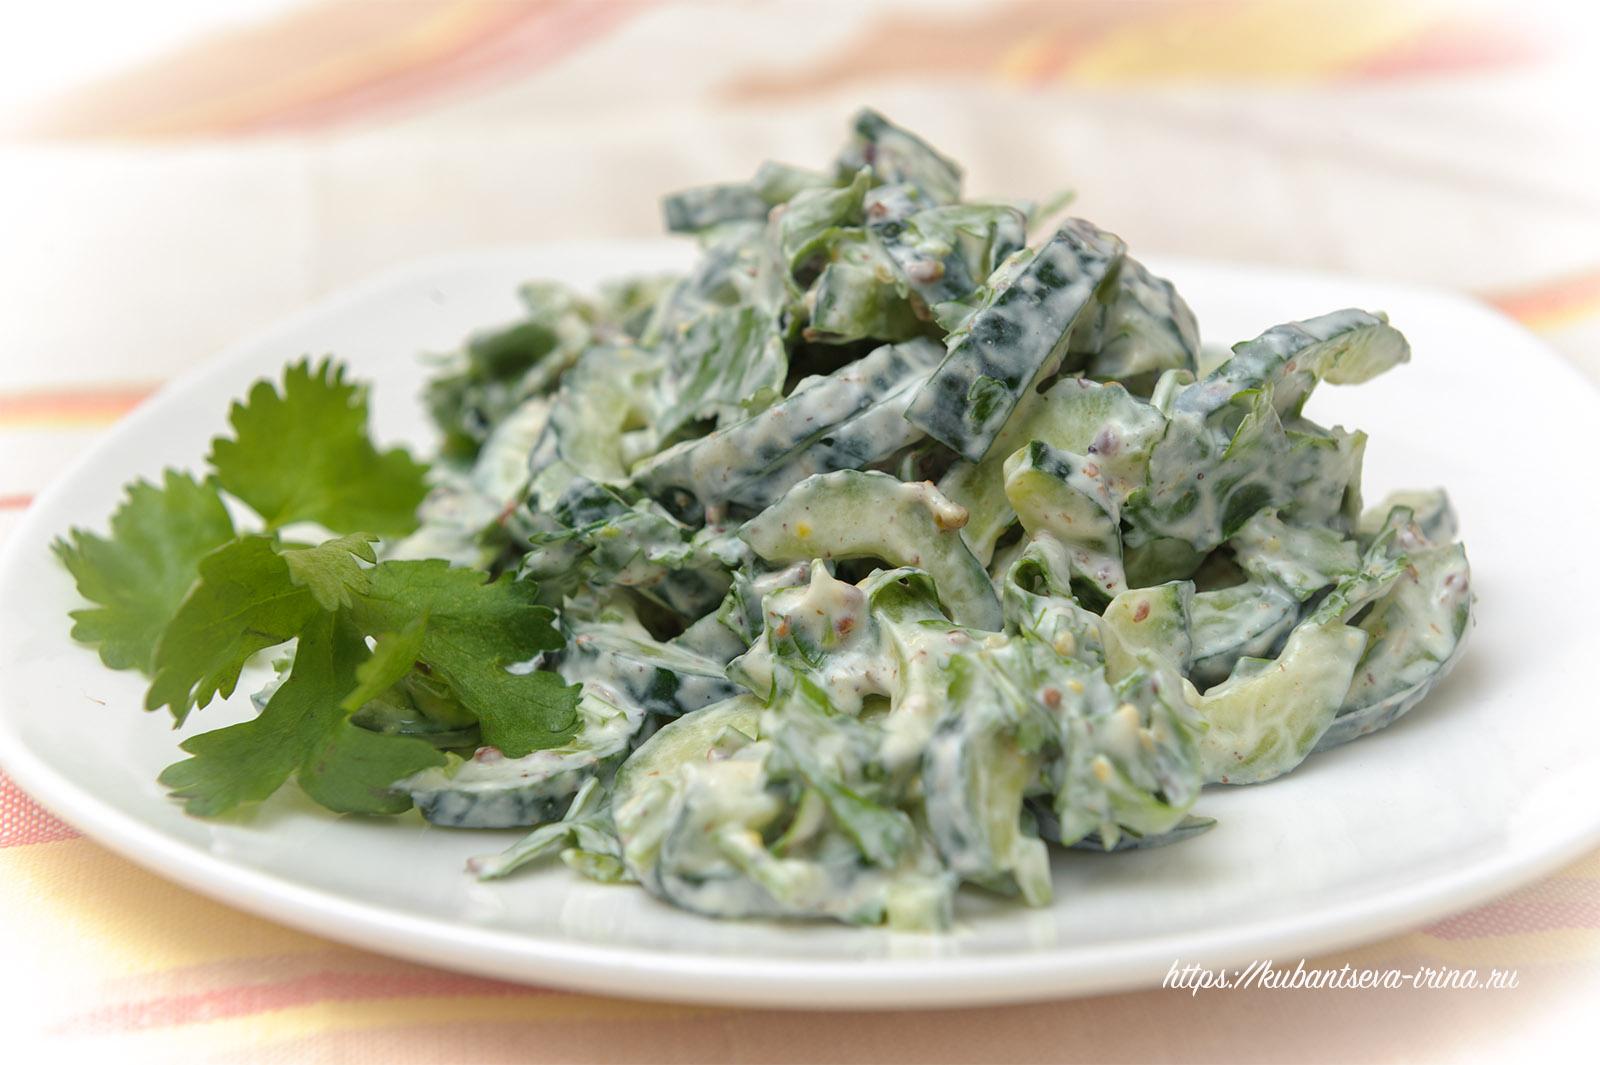 райта салат из огурцов с индийским оттенком